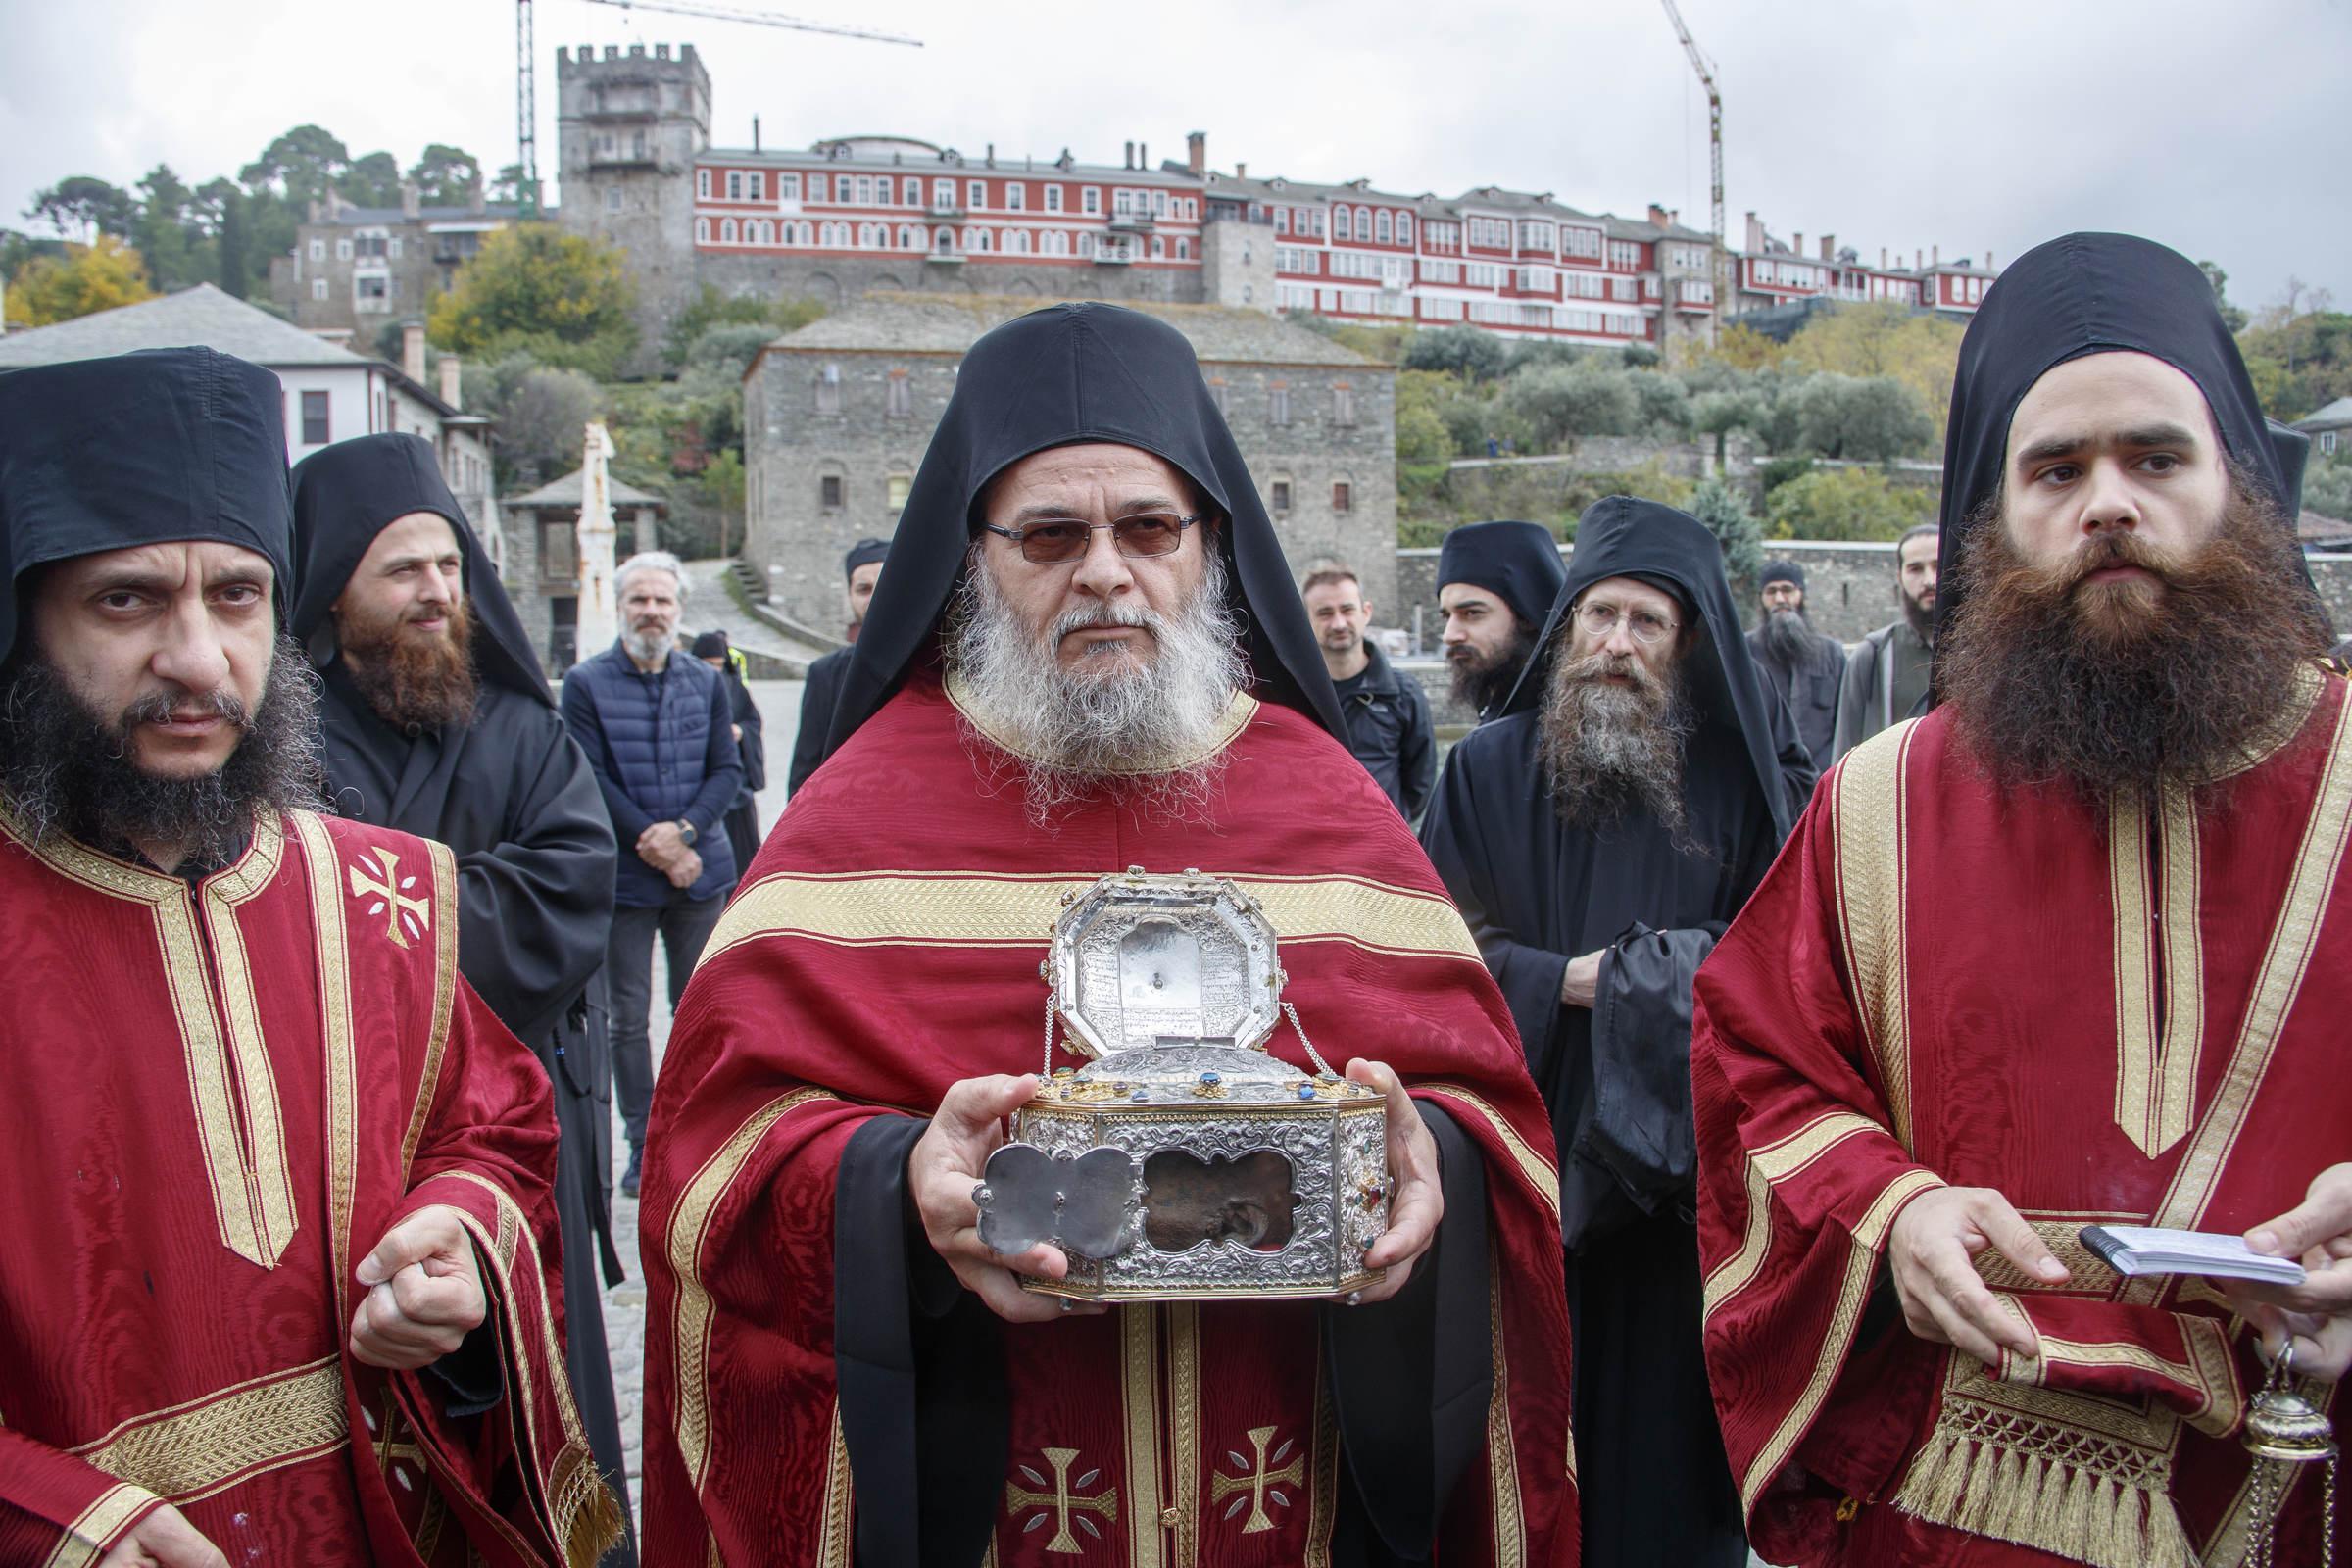 De ce capul Sfântului Ioan Hrisostom are o ureche neputrezită după mai bine de 1600 de ani?